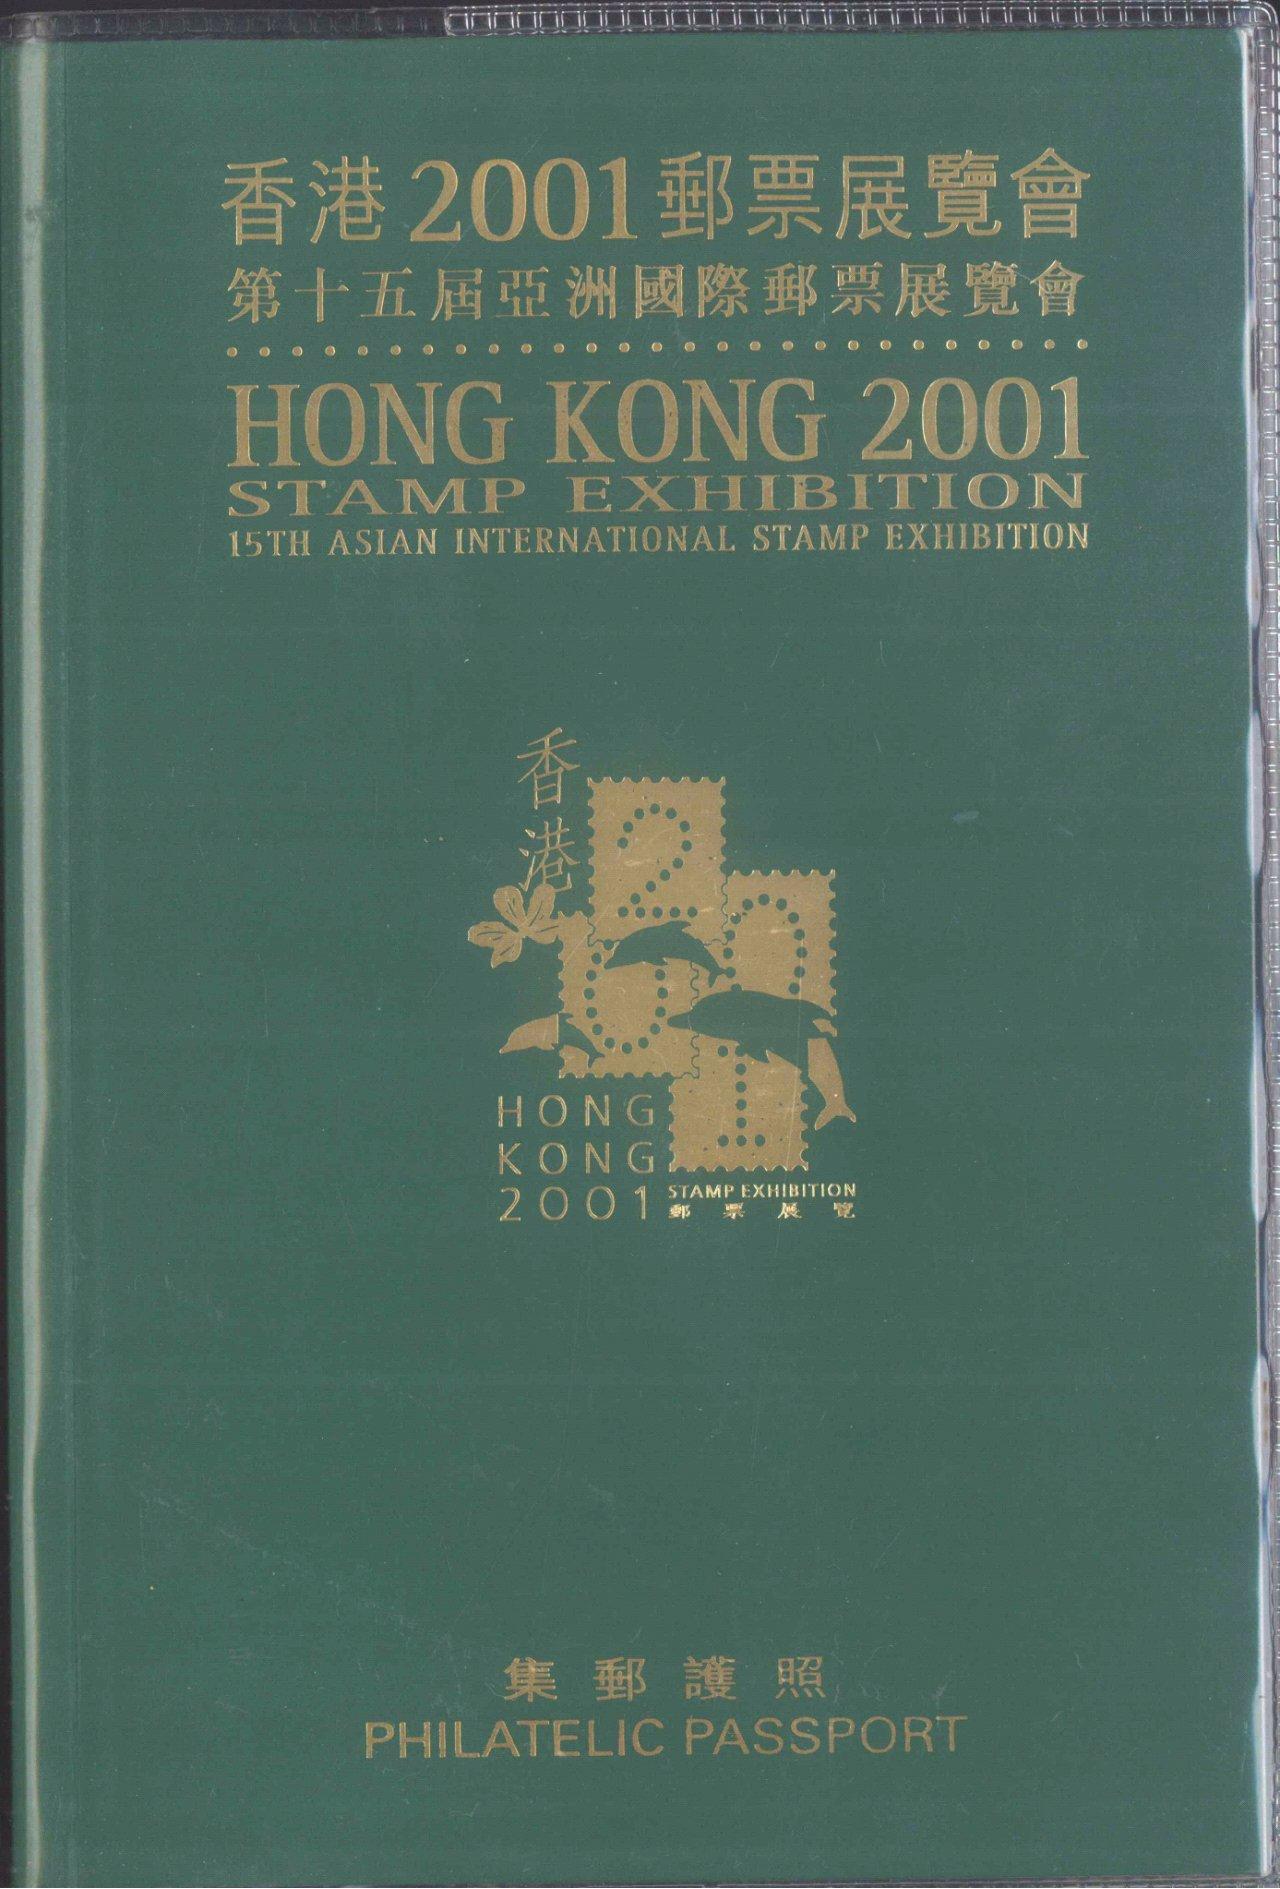 HONGKONG 2001, Stamp Exhibition, Philatelic Passport